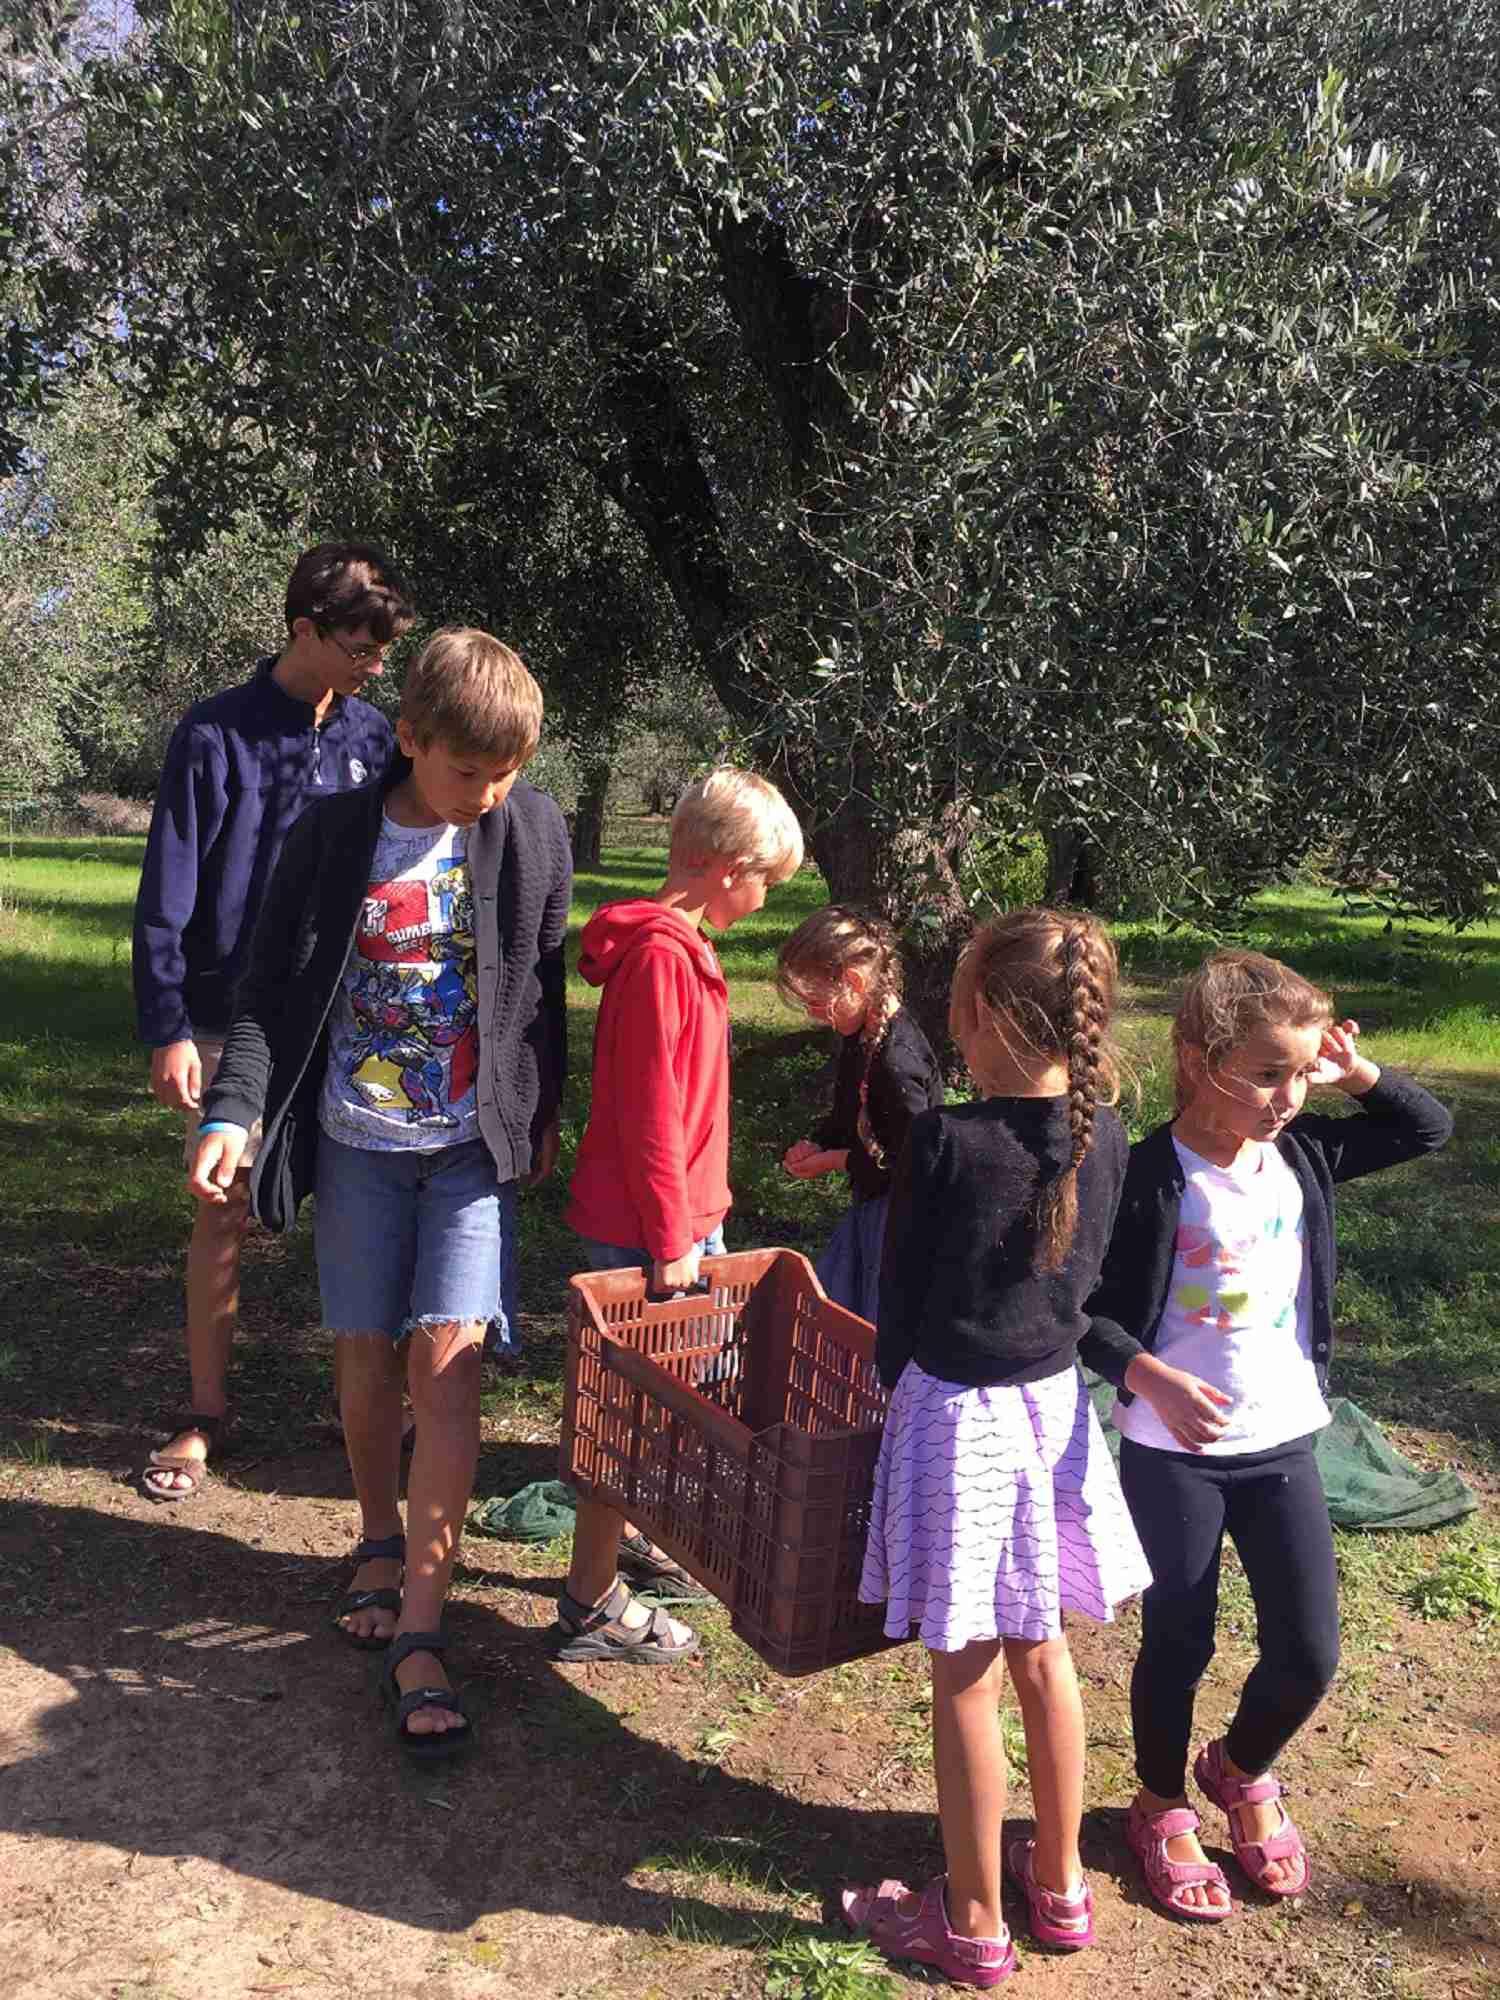 carrying basket of olives